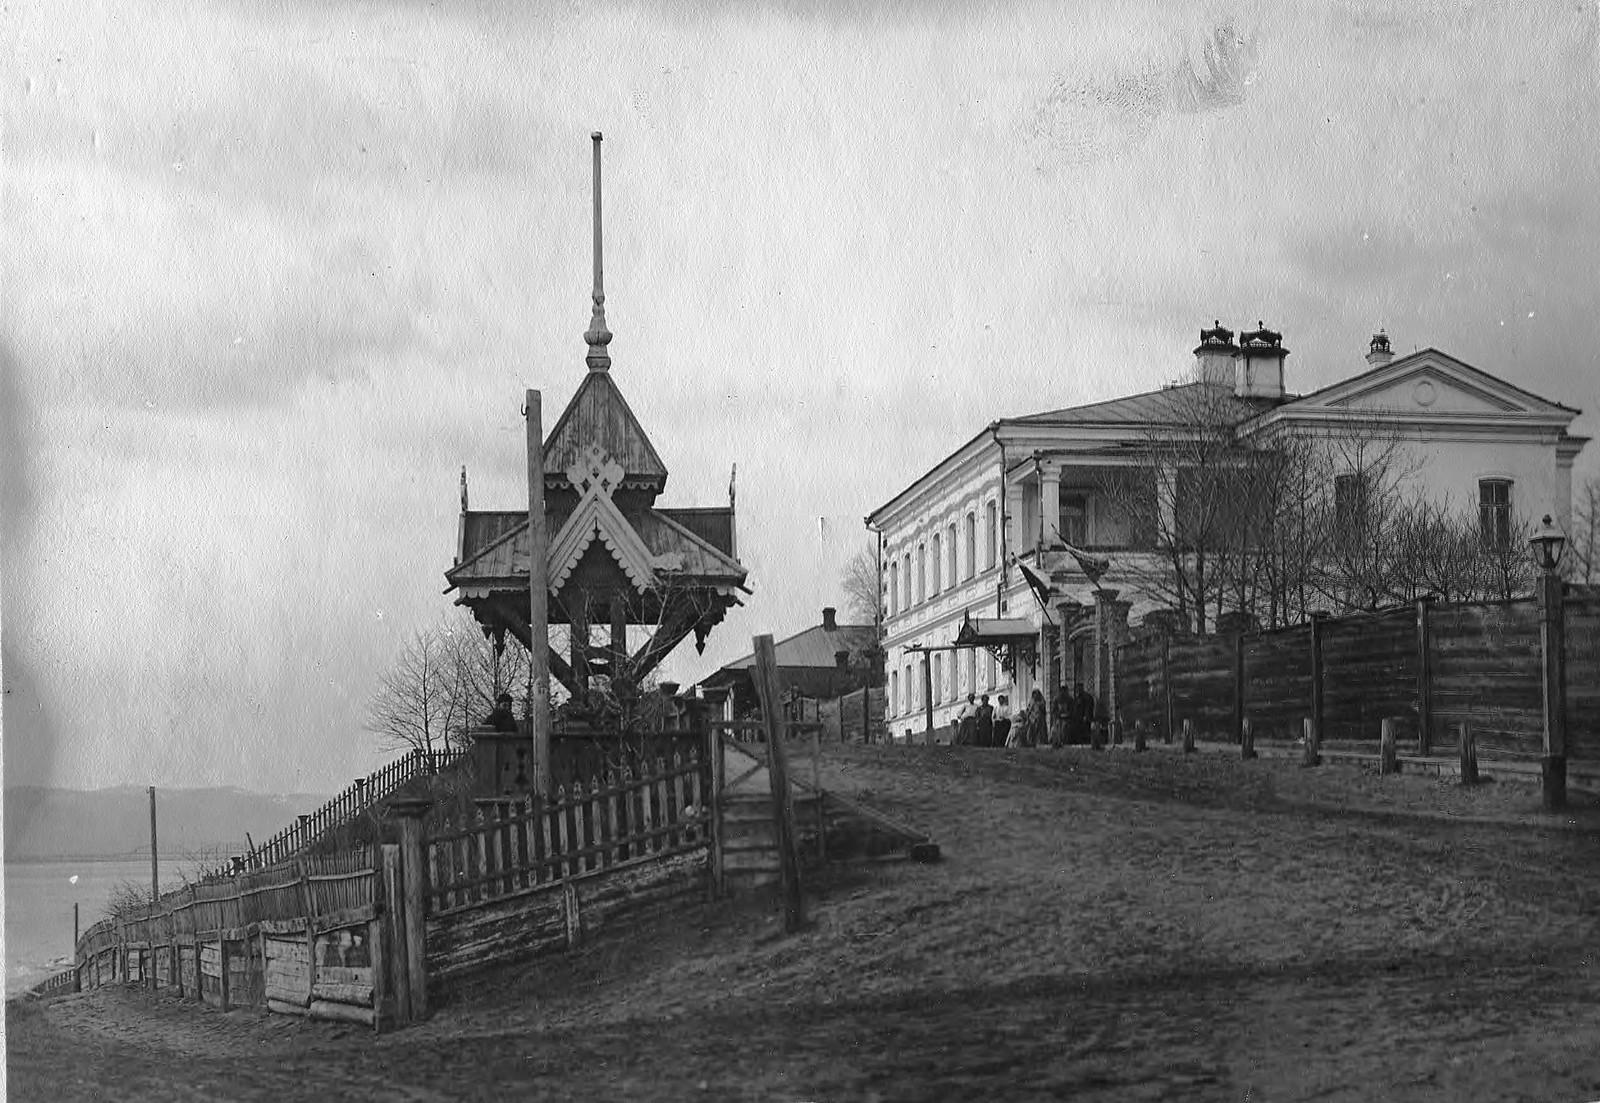 Усадьба Ю.П. Матвеевой с небольшой перспективой Садовой улицы (угол Садовой и Степановского переулка). 1890